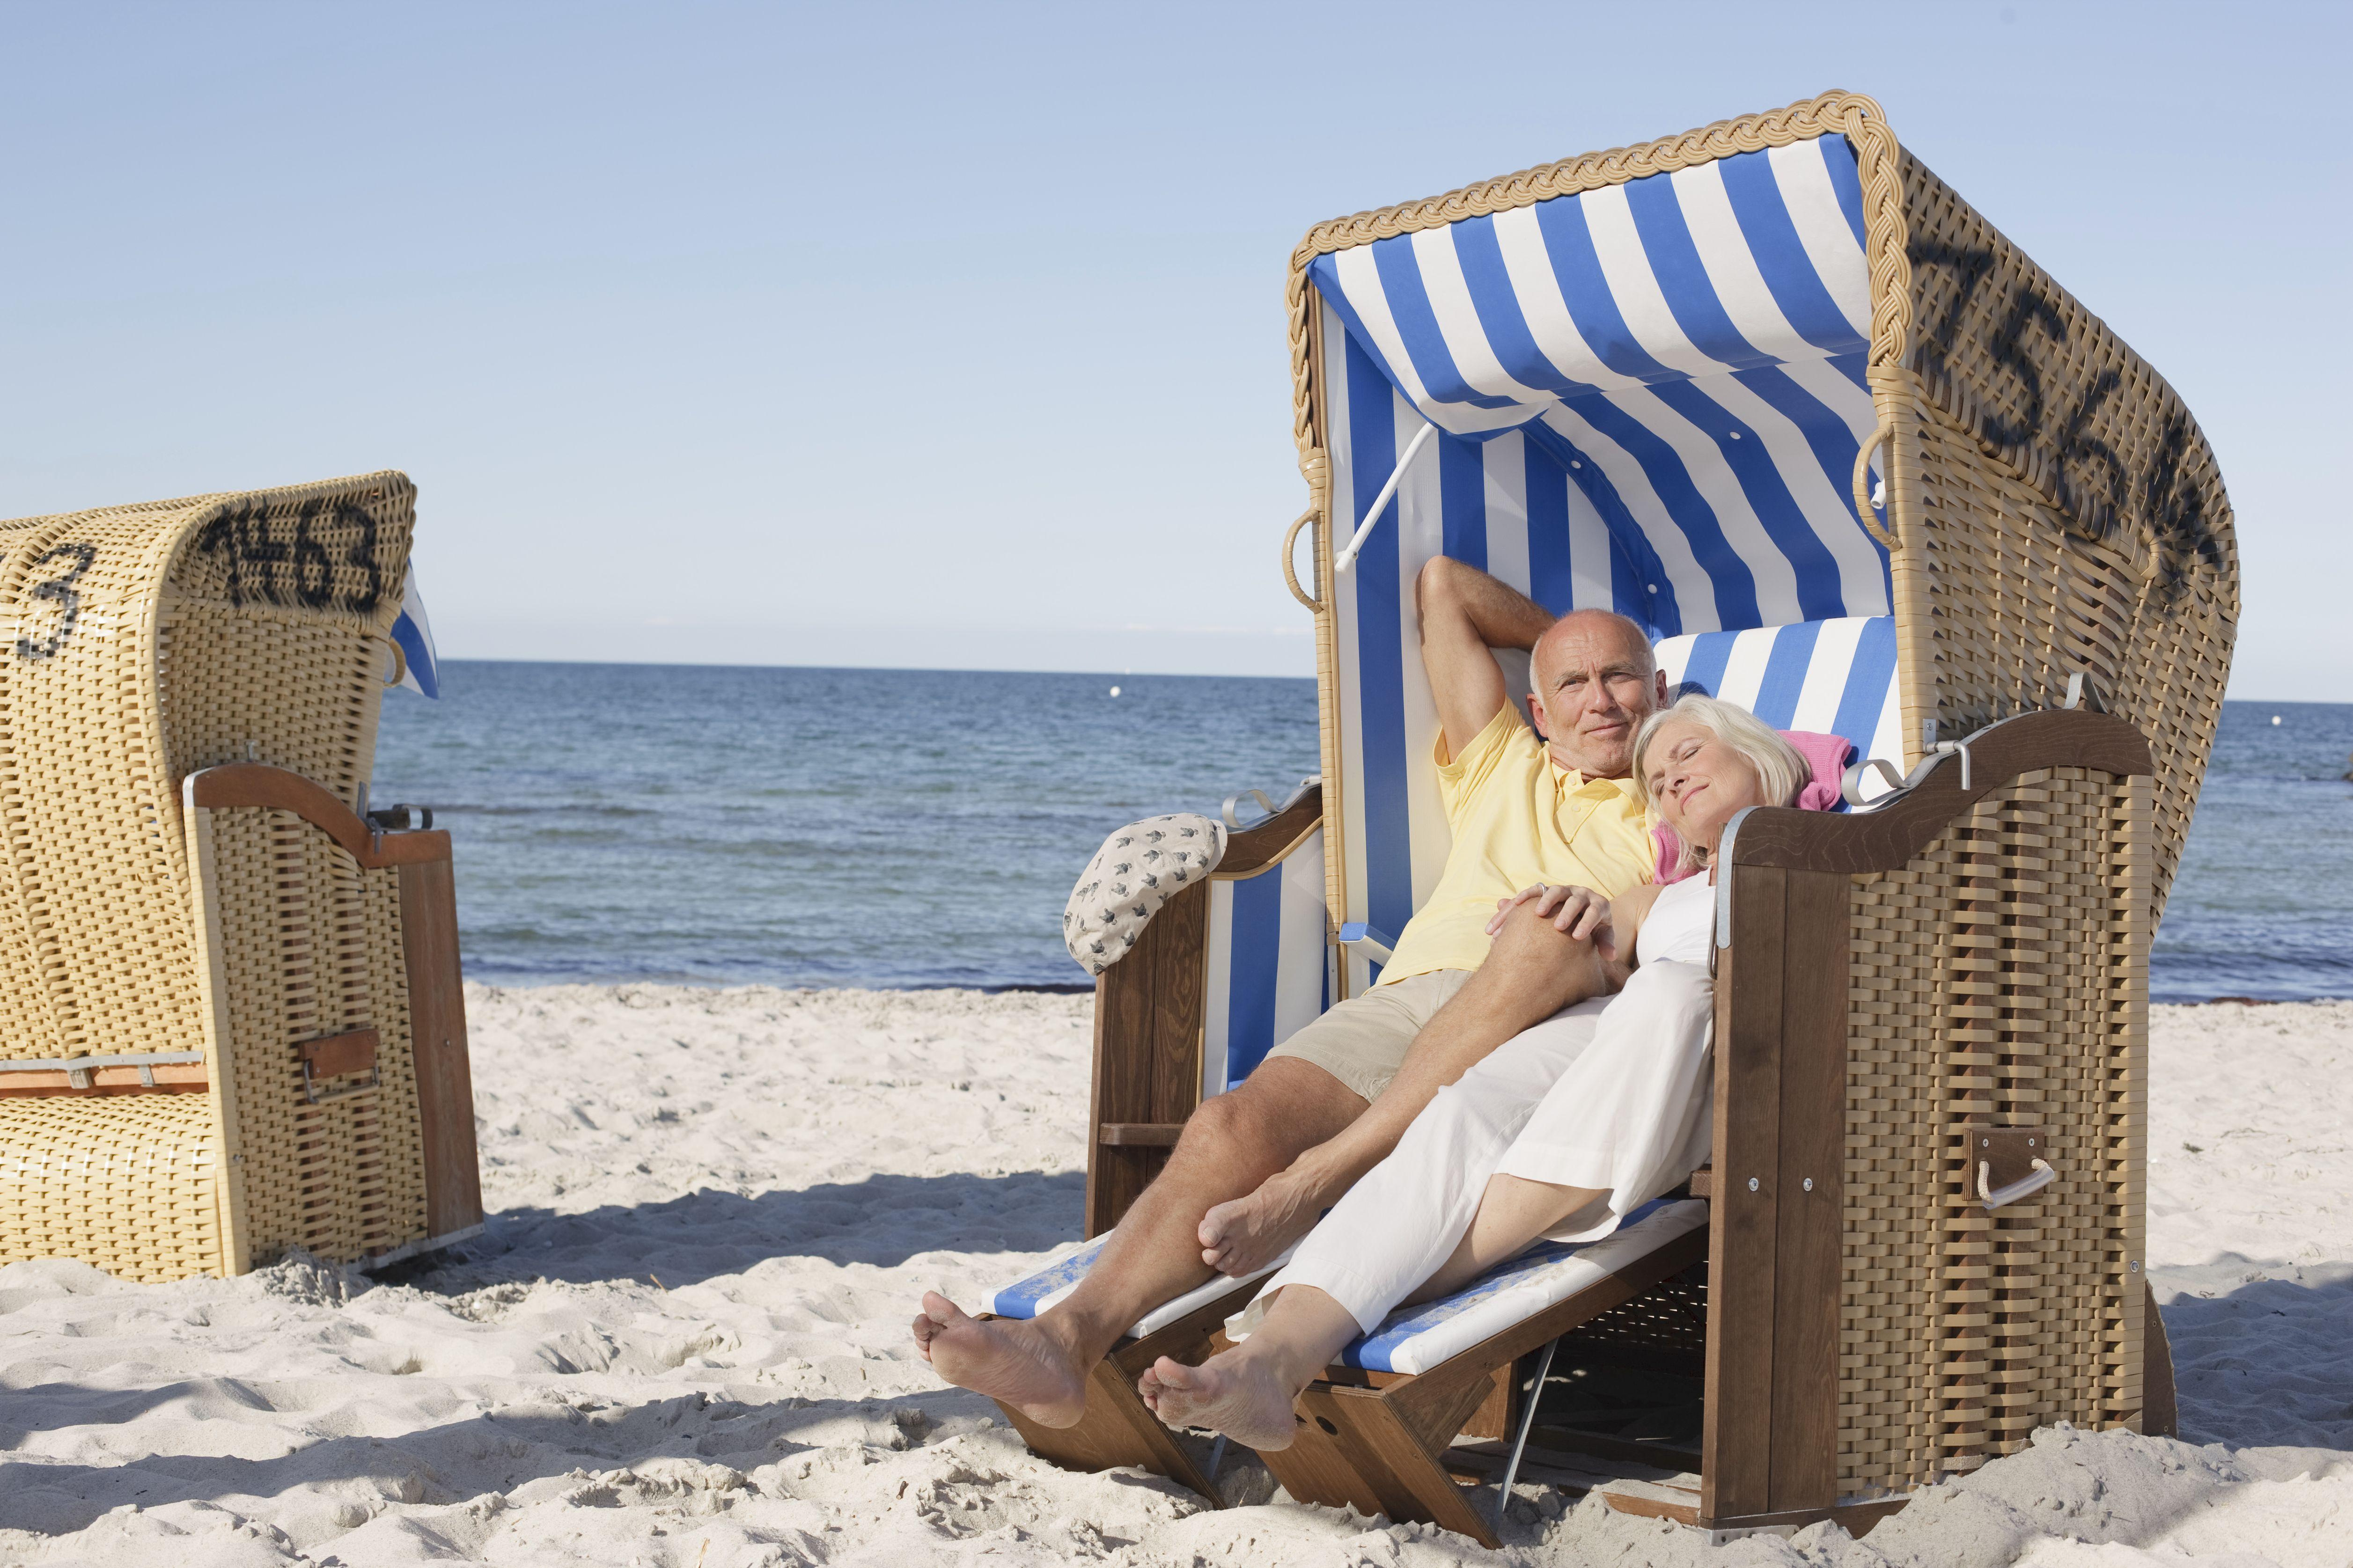 Strandkorb an Deutschlands Küsten: Bald alles ausgebucht? Foto: Michael Bader / TASH